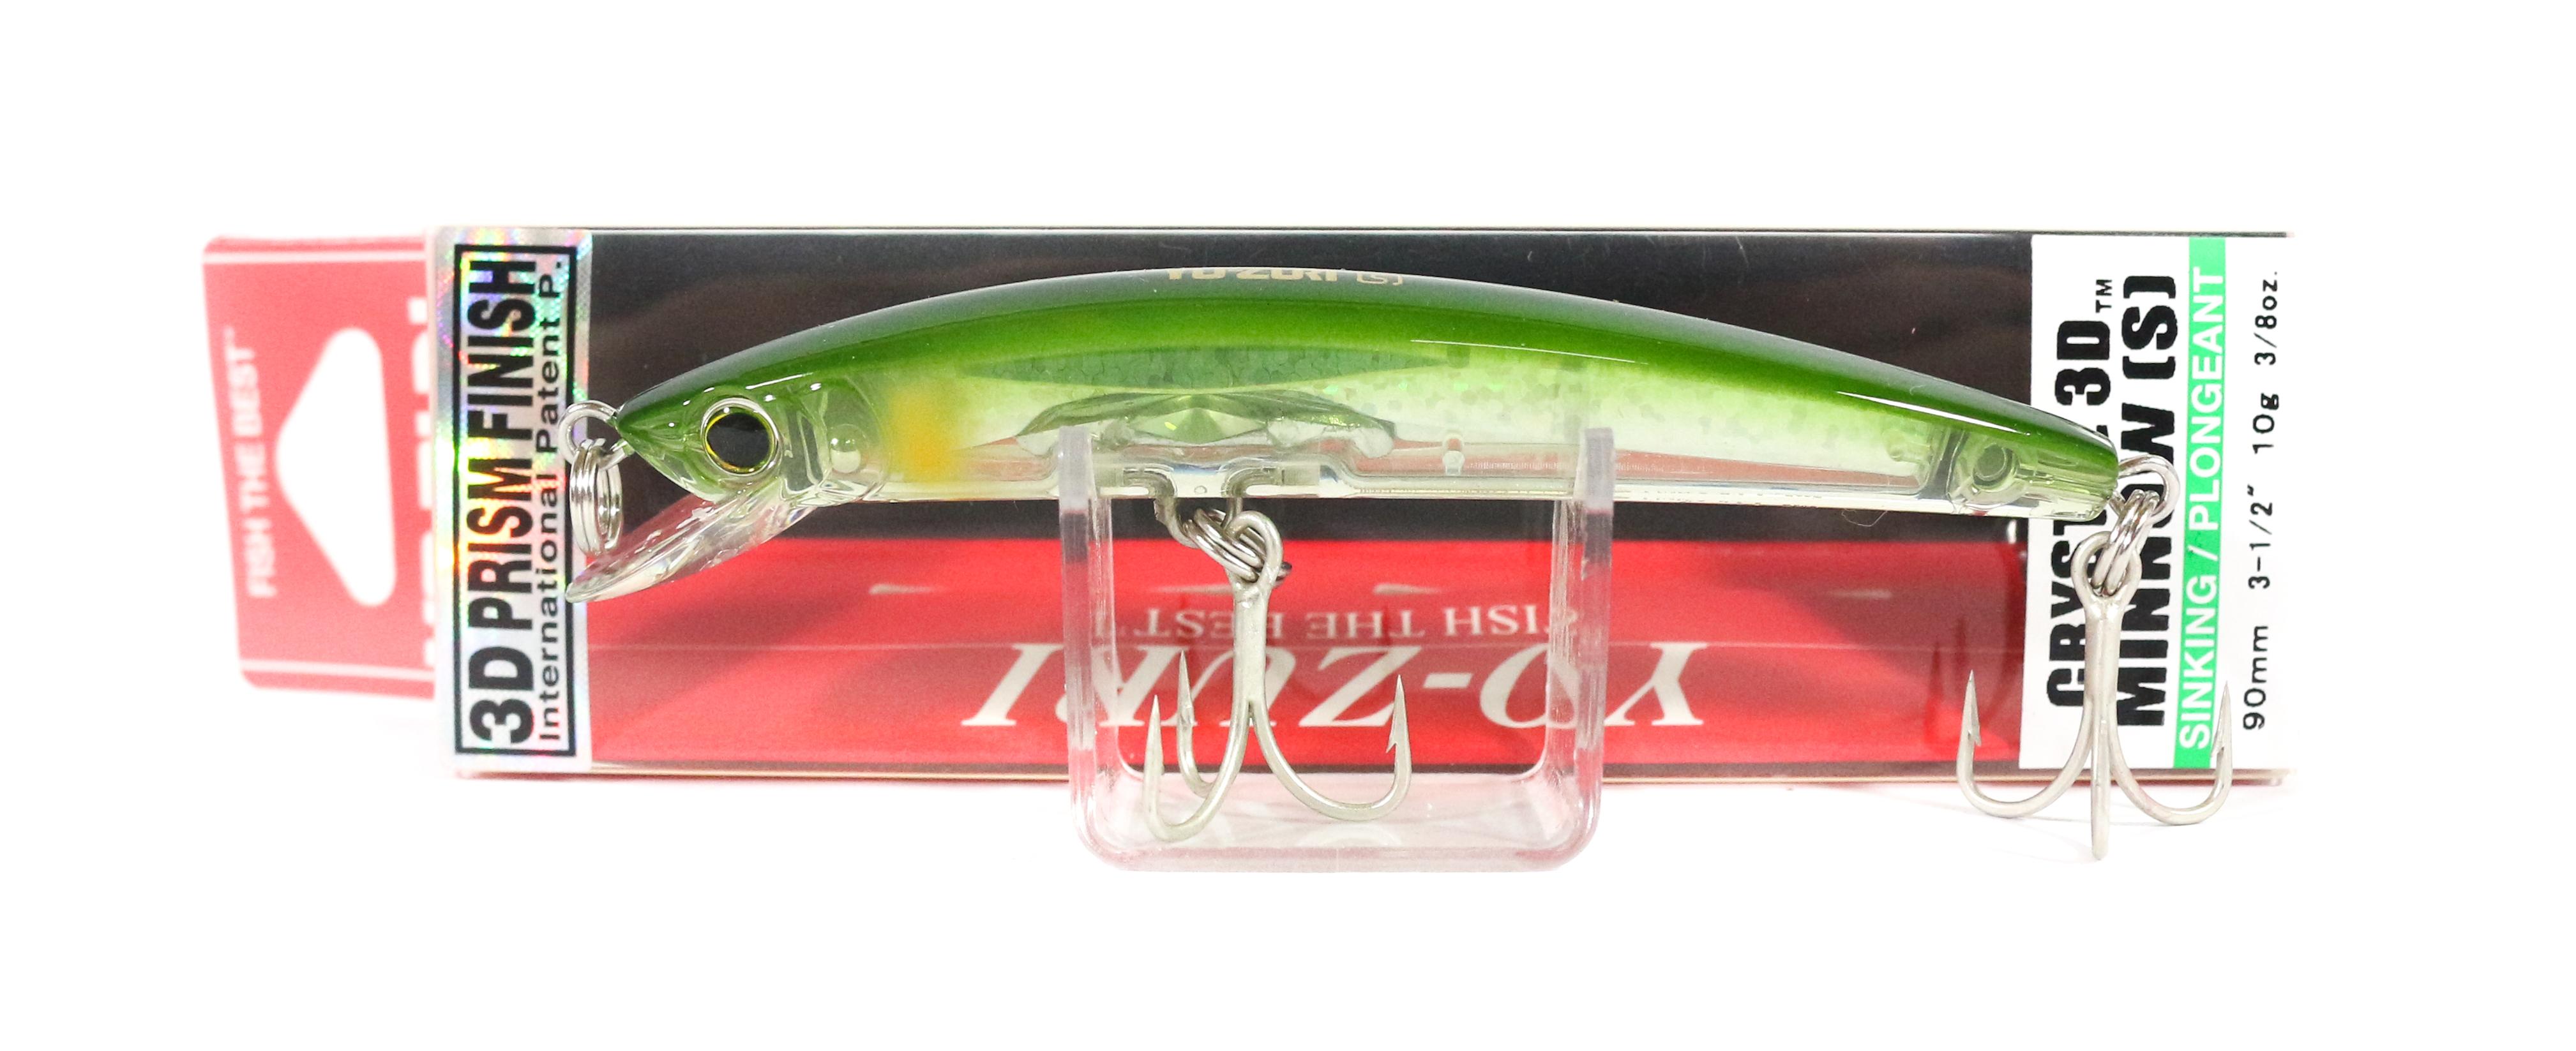 Yo Zuri 3D Crystal Minnow 90 mm Sinking Lure F1148-C44 (5976)